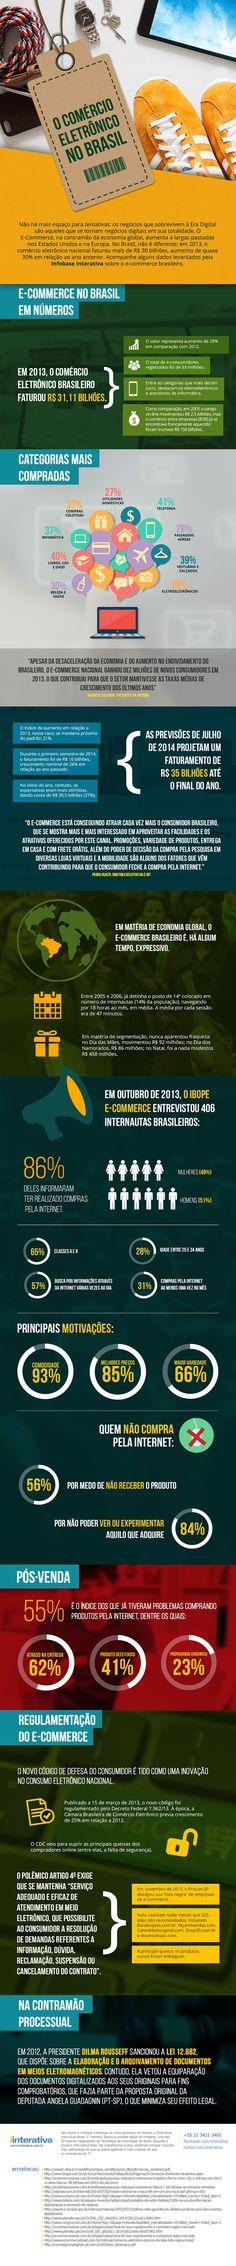 Infografico - status do comercio eletrônico no Brasil - R$ 31 bilhoes em 2013